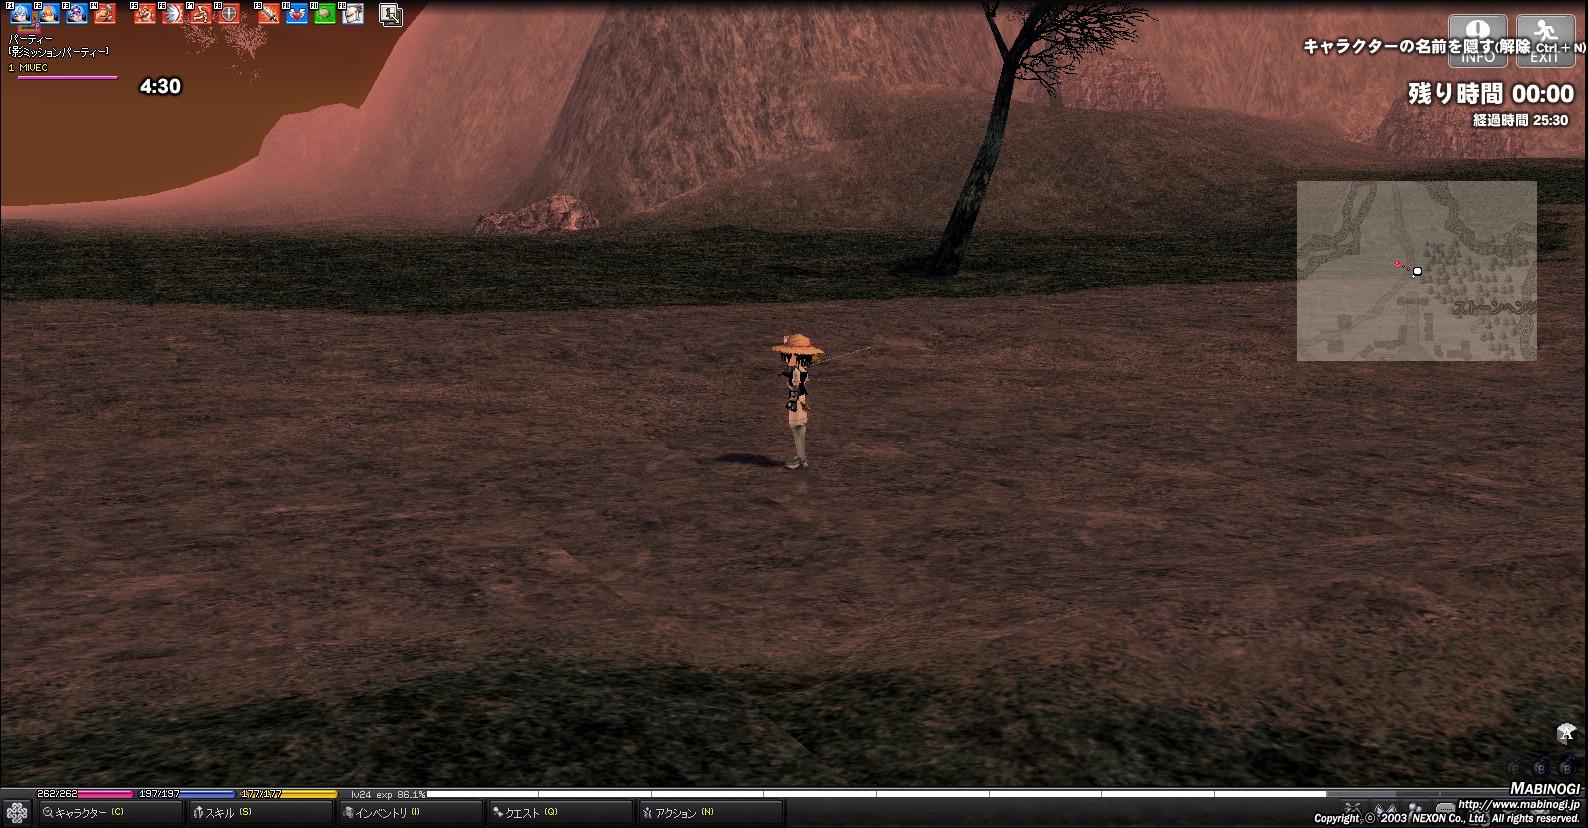 mabinogi_2009_10_13_001.jpg